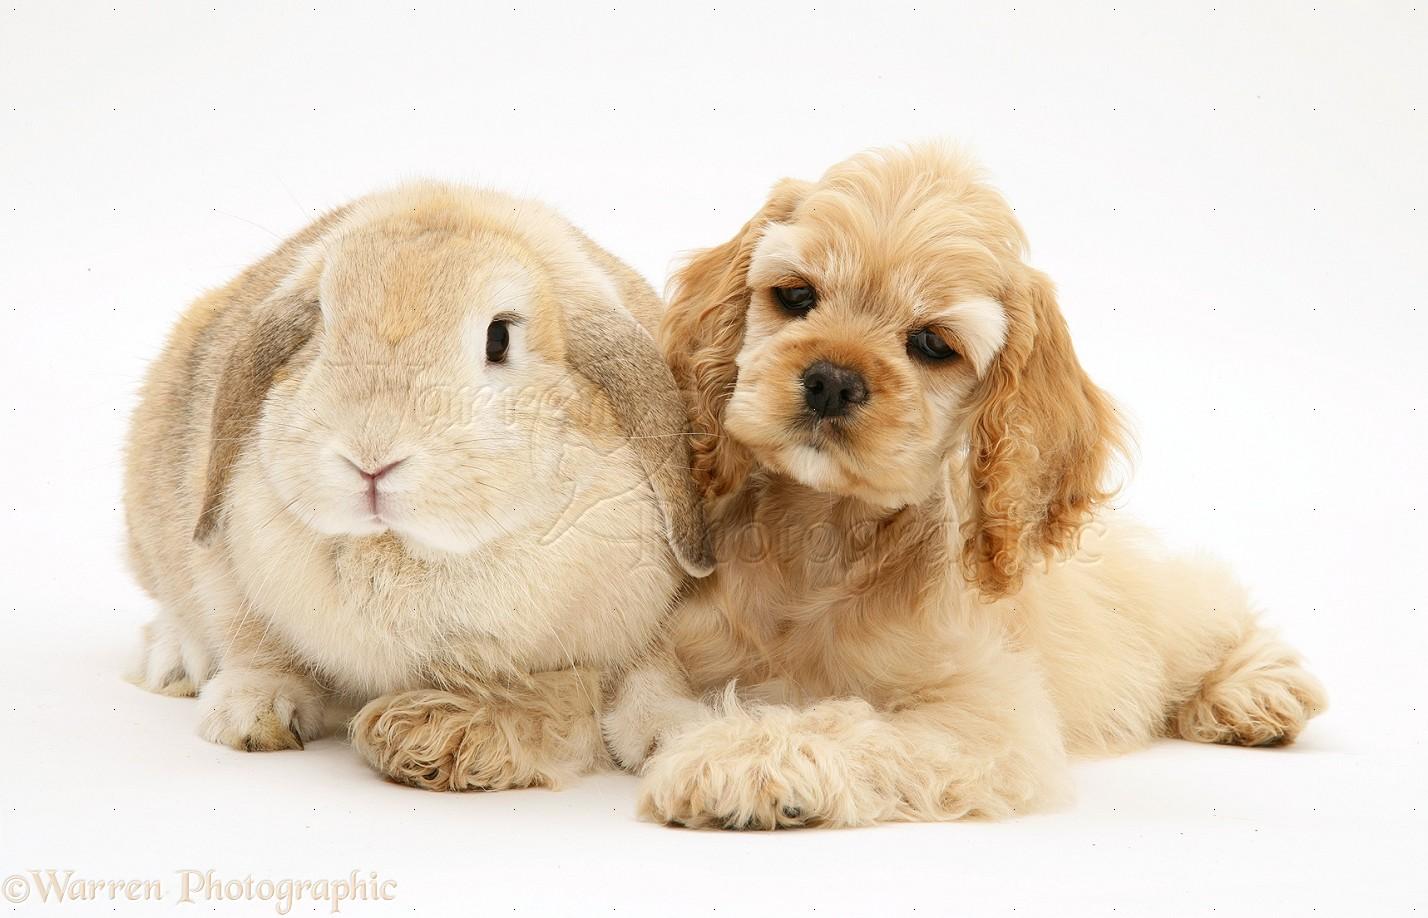 Cute American Cocker Spaniel Puppies: Cute Buff American Cocker Spaniel Pup With Rabbit Breed